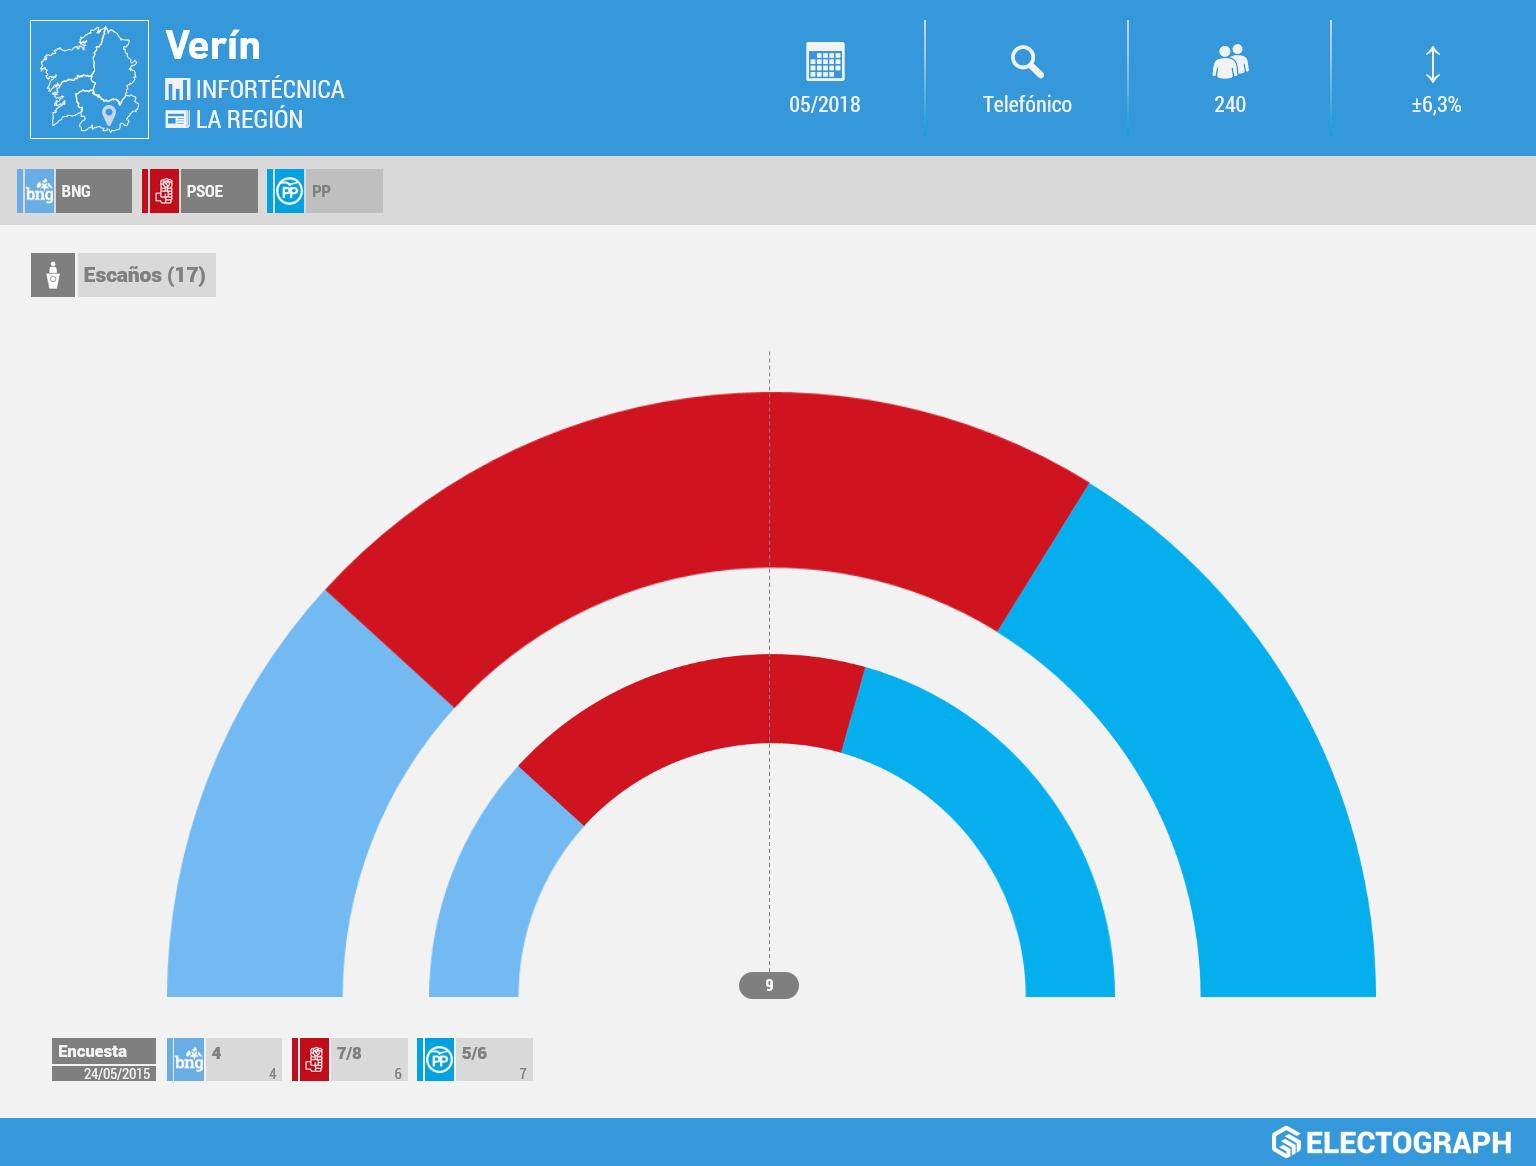 Gráfico de la encuesta para elecciones municipales en Verín realizada por Infortécnica para La Región en mayo de 2018